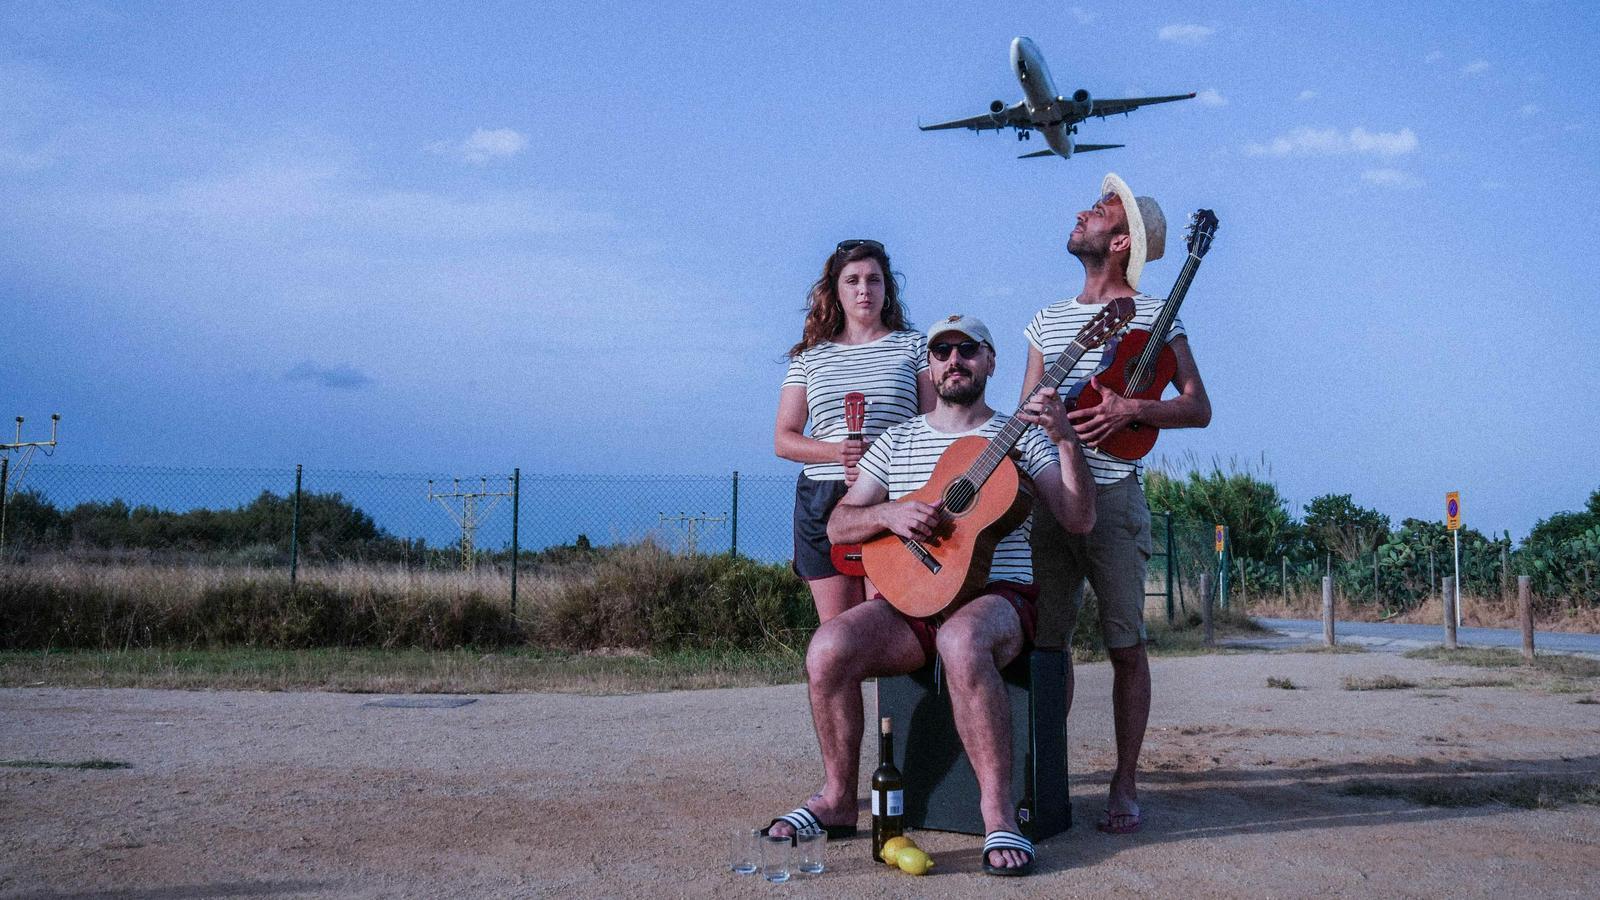 Marc Artigau munta una cantada d'havaneres per celebrar la vida a La Gleva